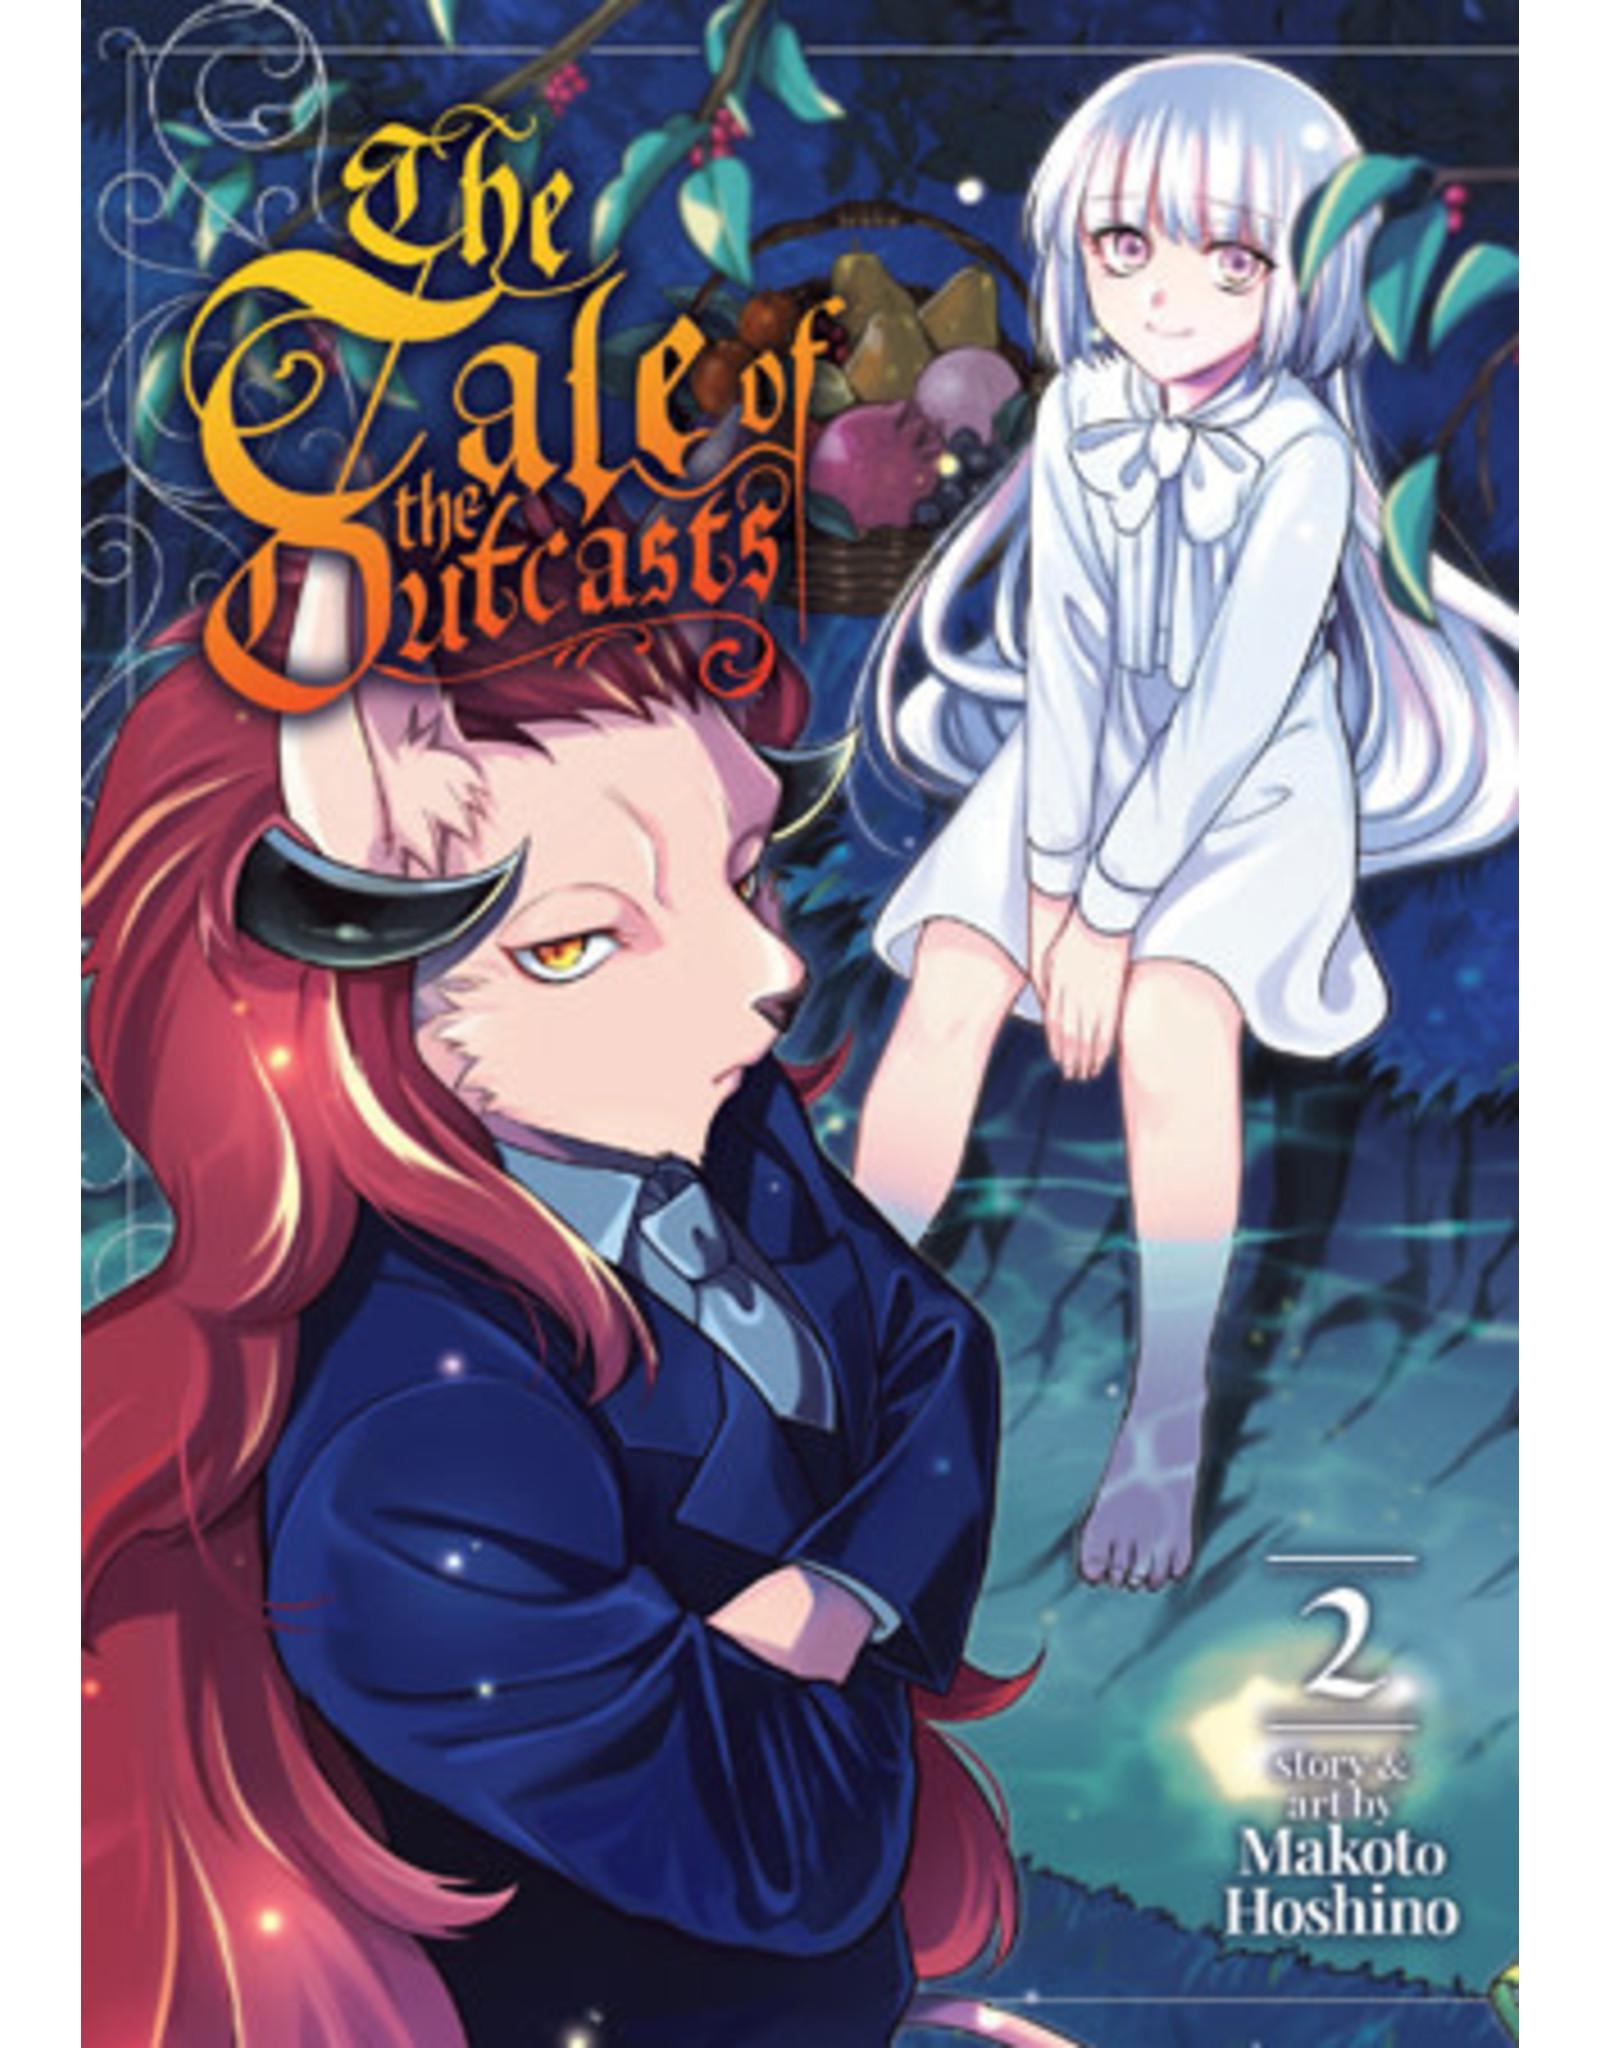 The Tale Of The Outcasts 02 (Engelstalig) - Manga